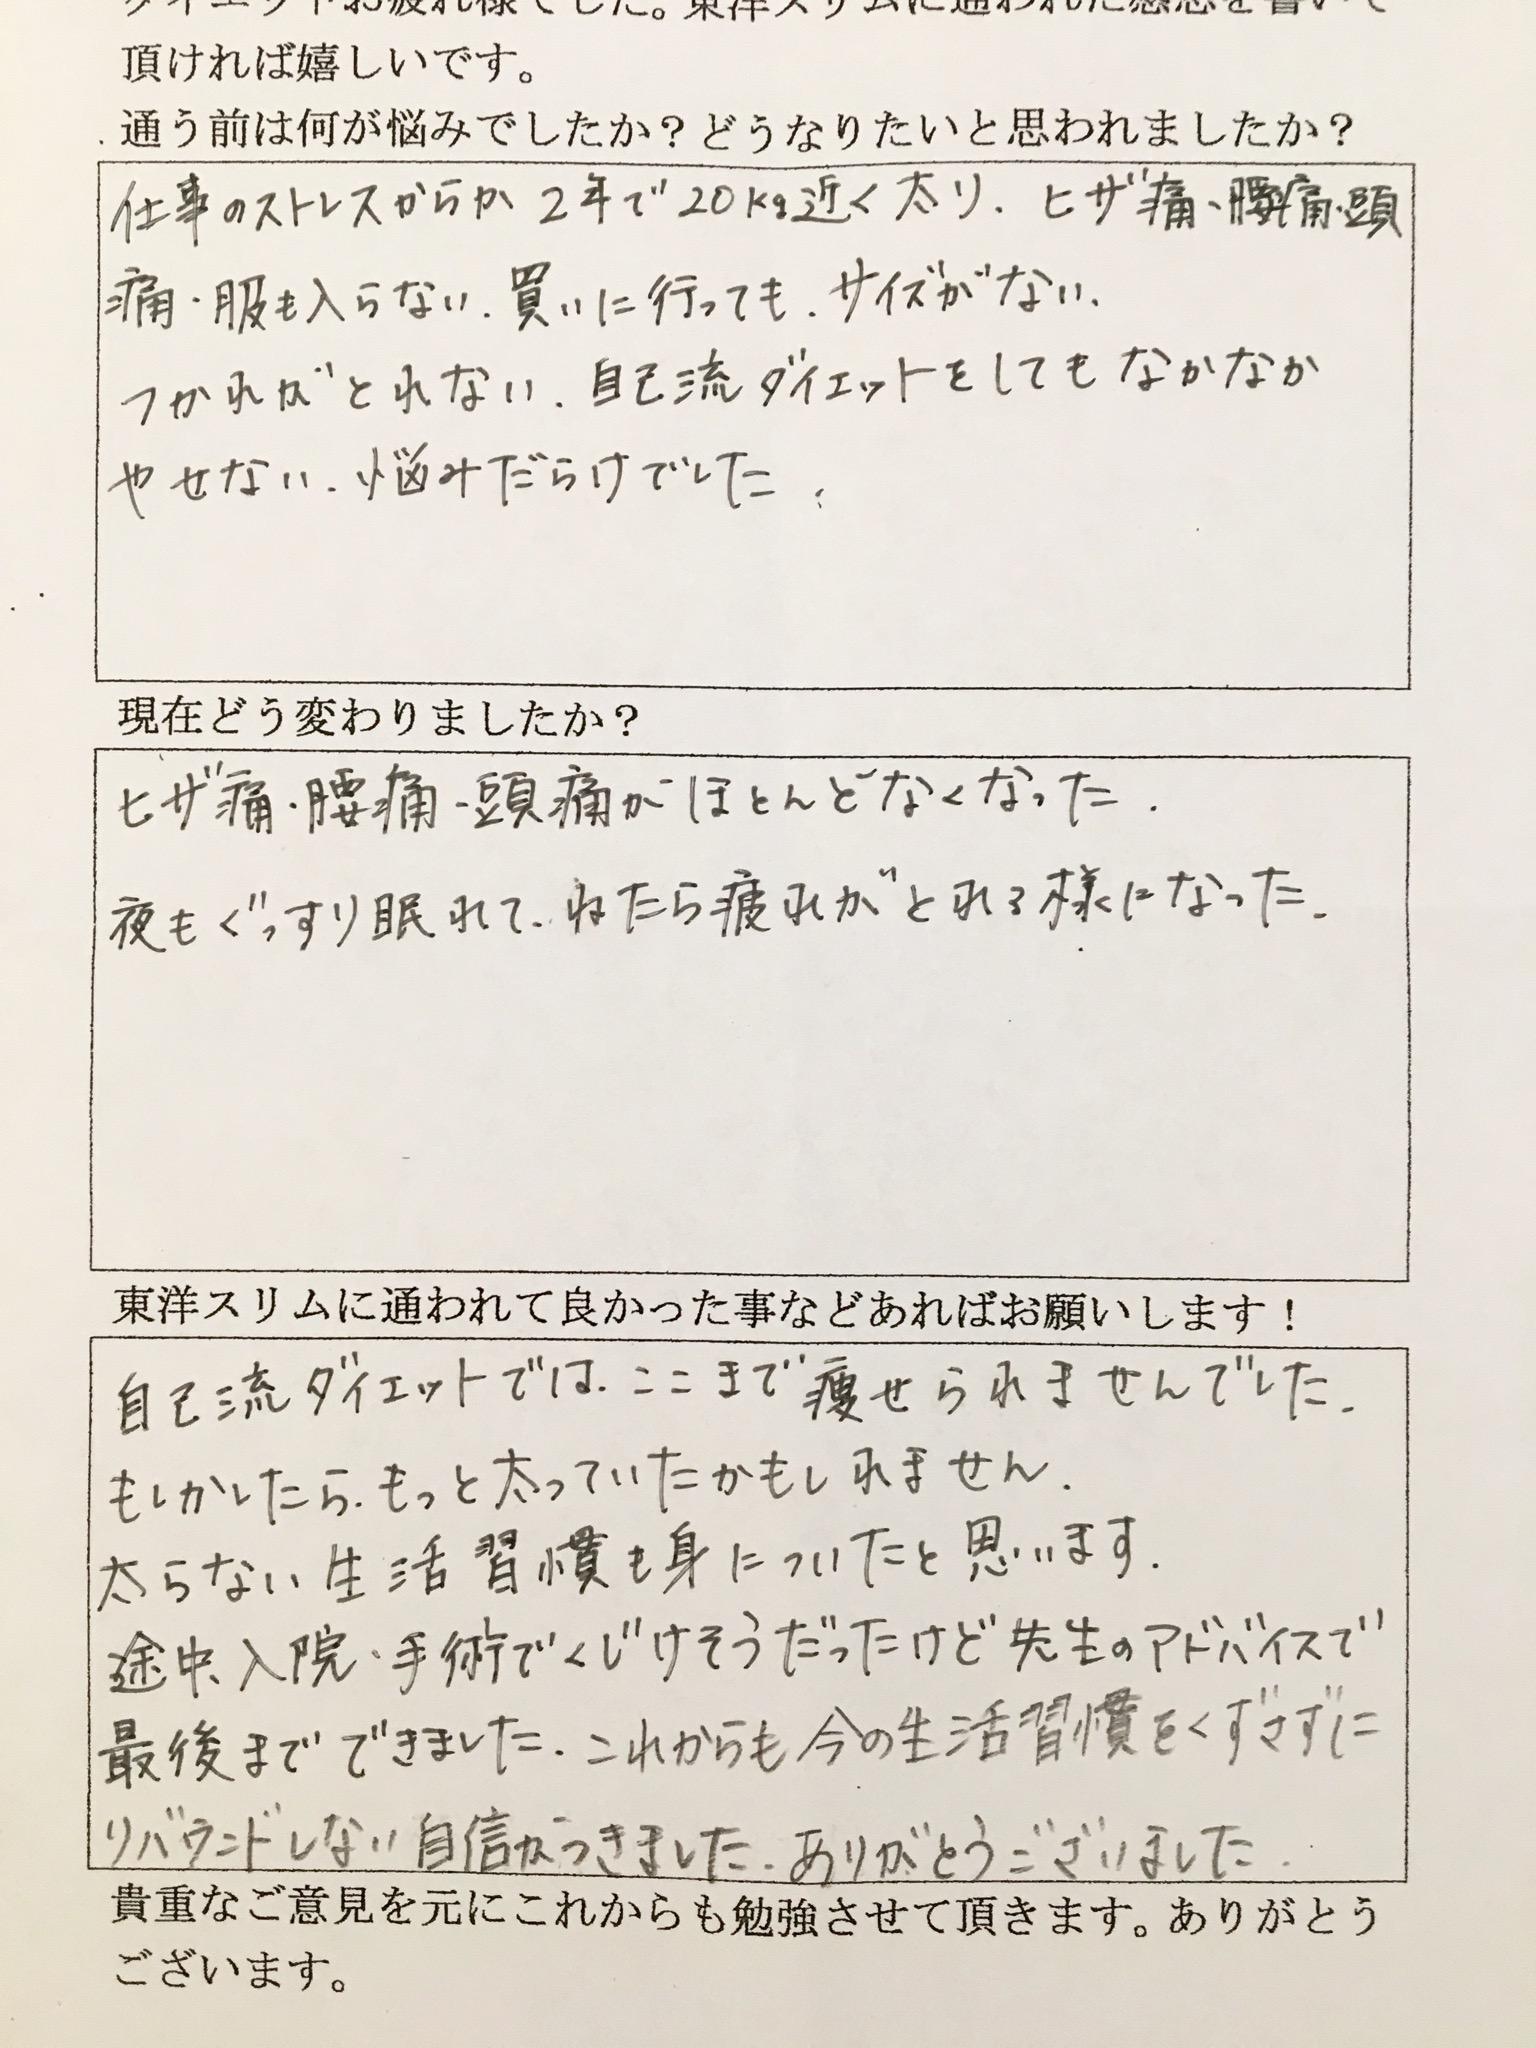 [皆様の声]大阪府八尾市T様(40代)耳ツボダイエット12kg成功。膝痛、腰痛、頭痛がほとんどなくなった。